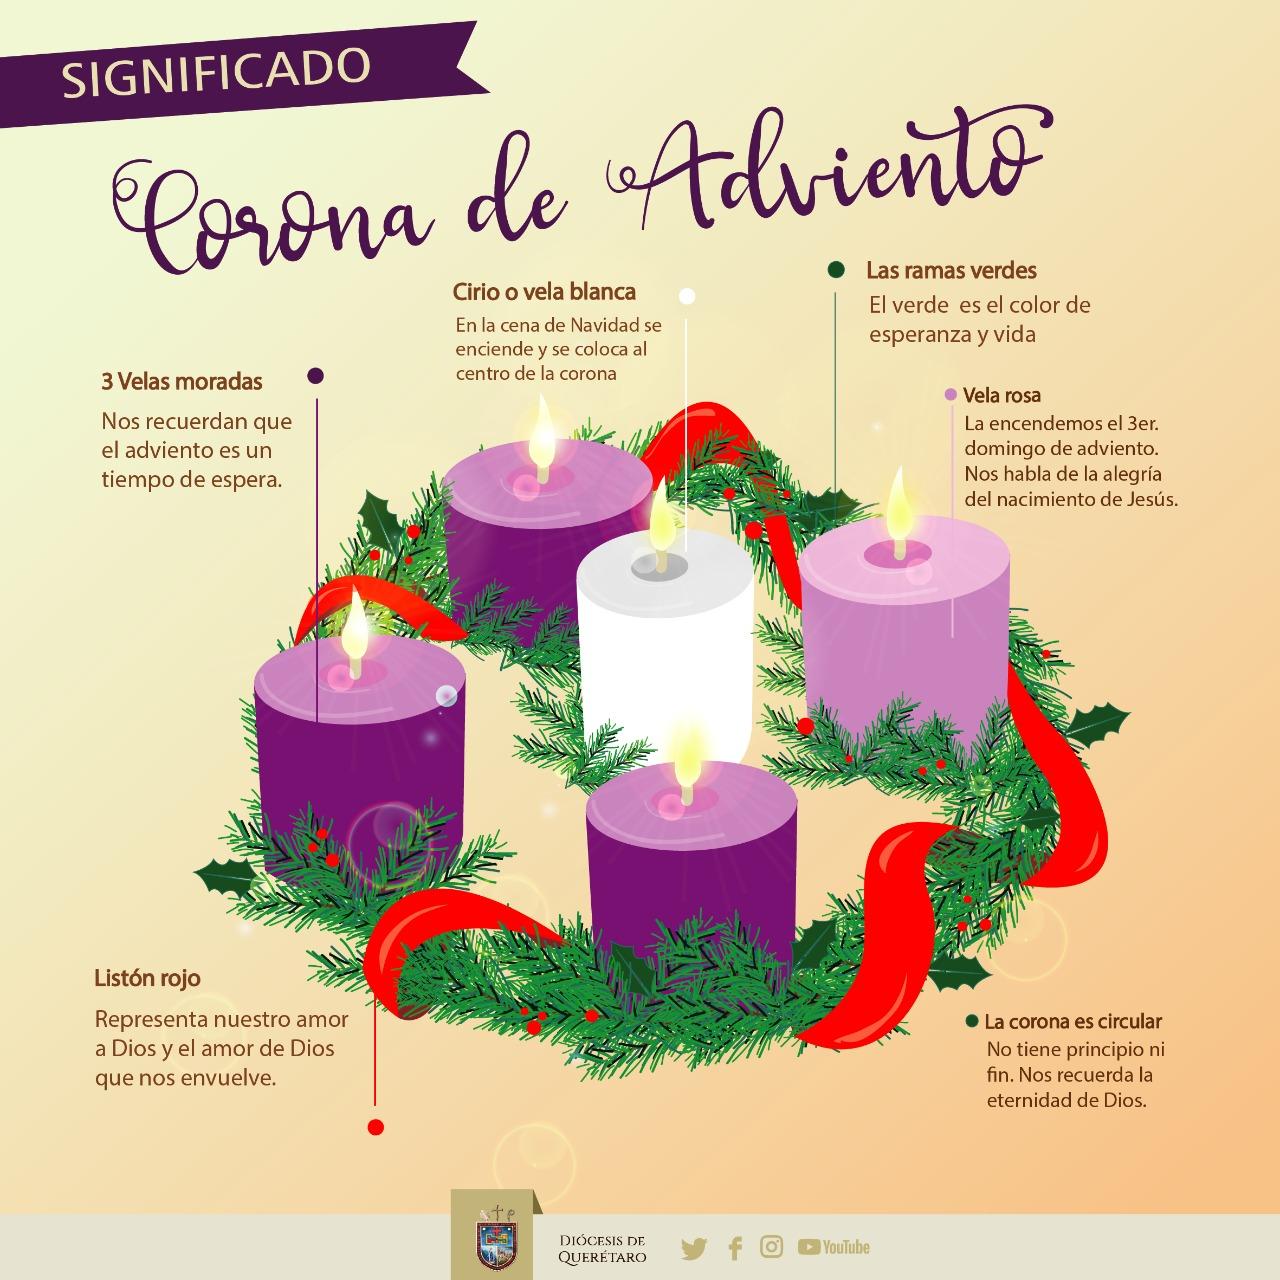 Significado De La Corona De Adviento Un Tiempo De Preparación Espiritual Para La Navidad Diócesis De Querétaro